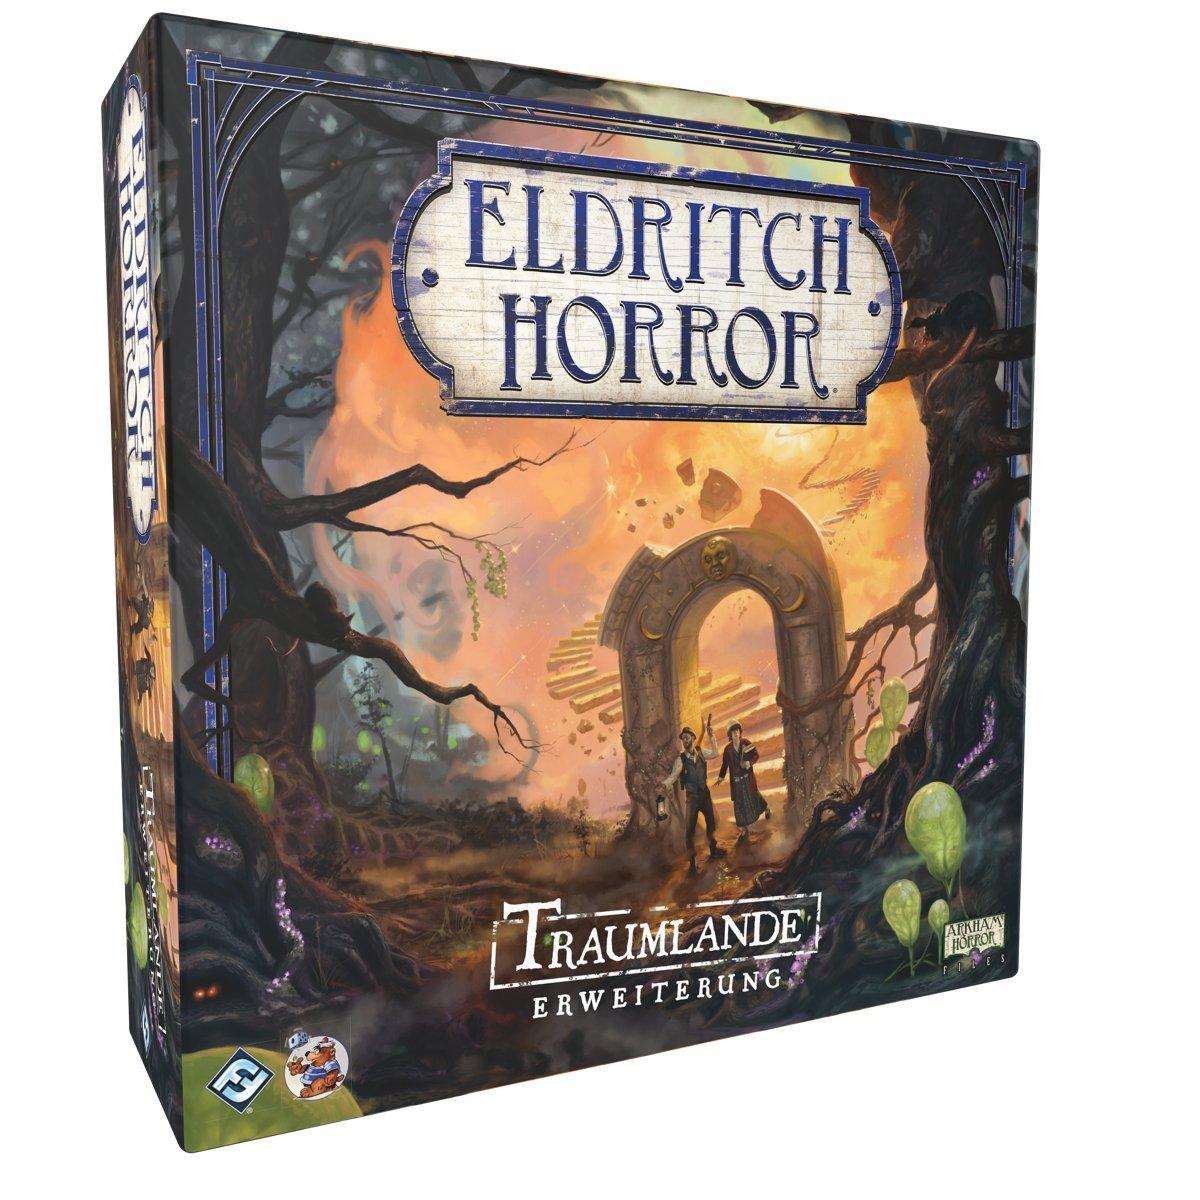 Eldritch Horror - Traumlande • Erweiterung: Amazon.de: Spielzeug